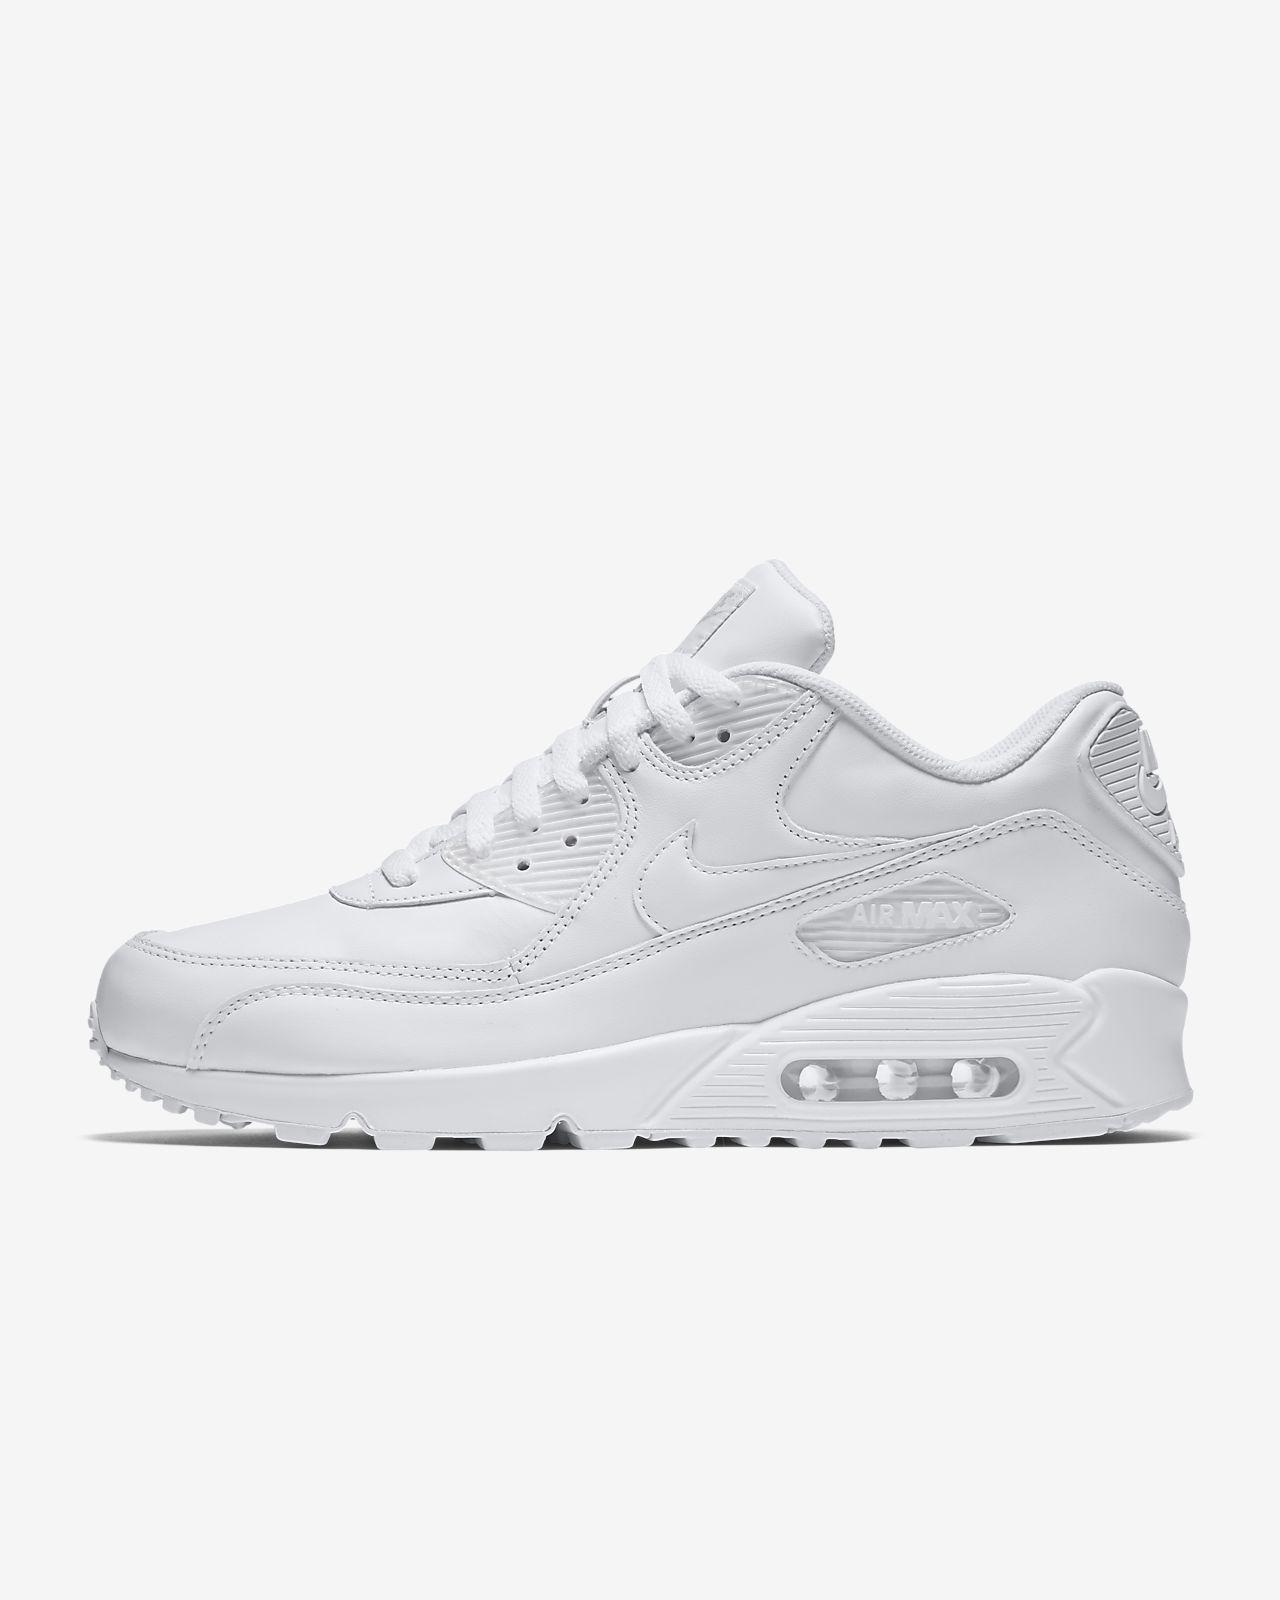 cf269d239e5 Nike Air Max 90 Leather - sko til mænd. Nike.com DK